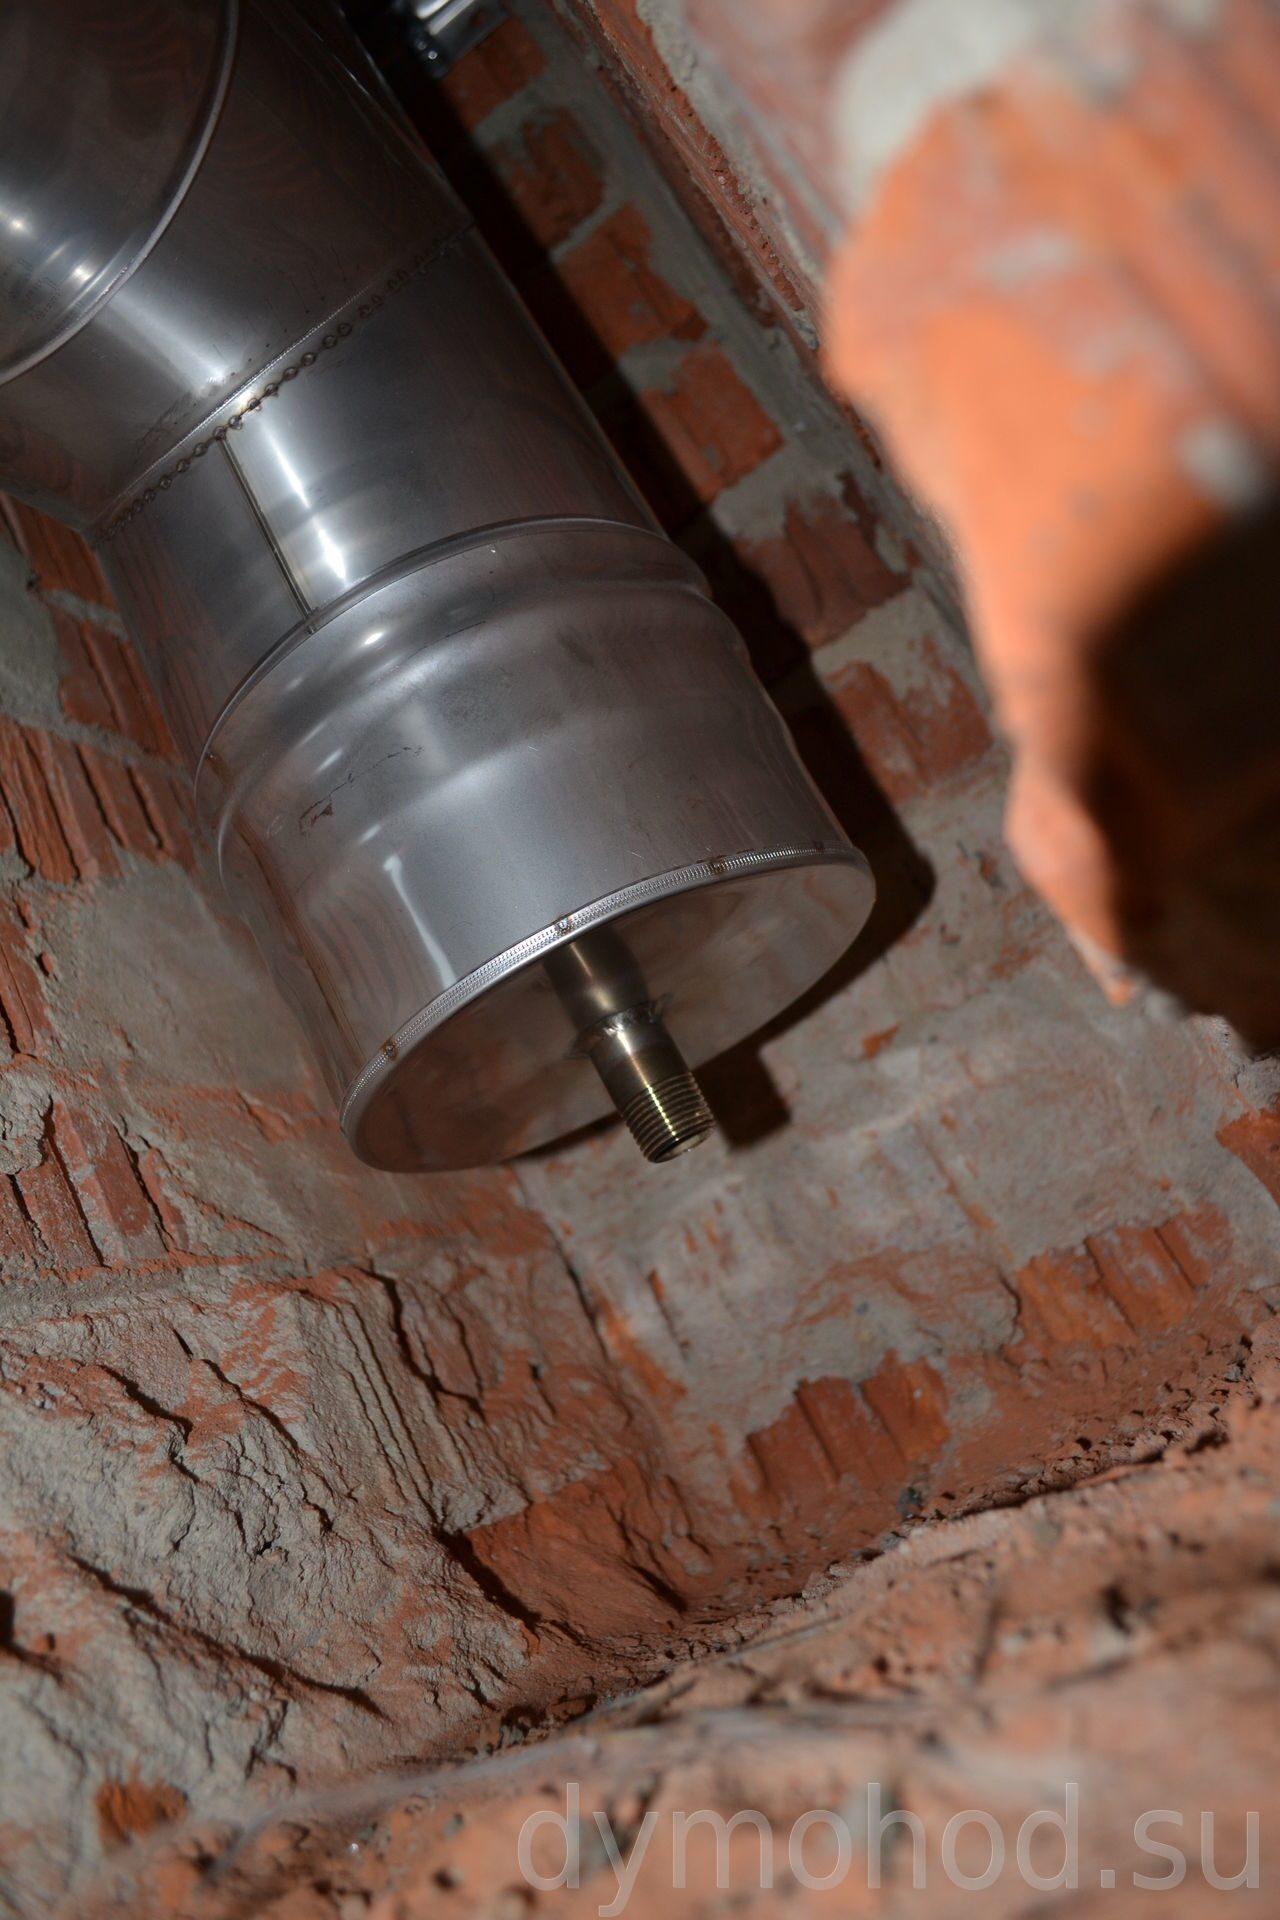 Тройник с конденсатоотводом Монтаж дымоход + вентиляция. Красноармейск. Коттеджный поселок Медвежье Озеро